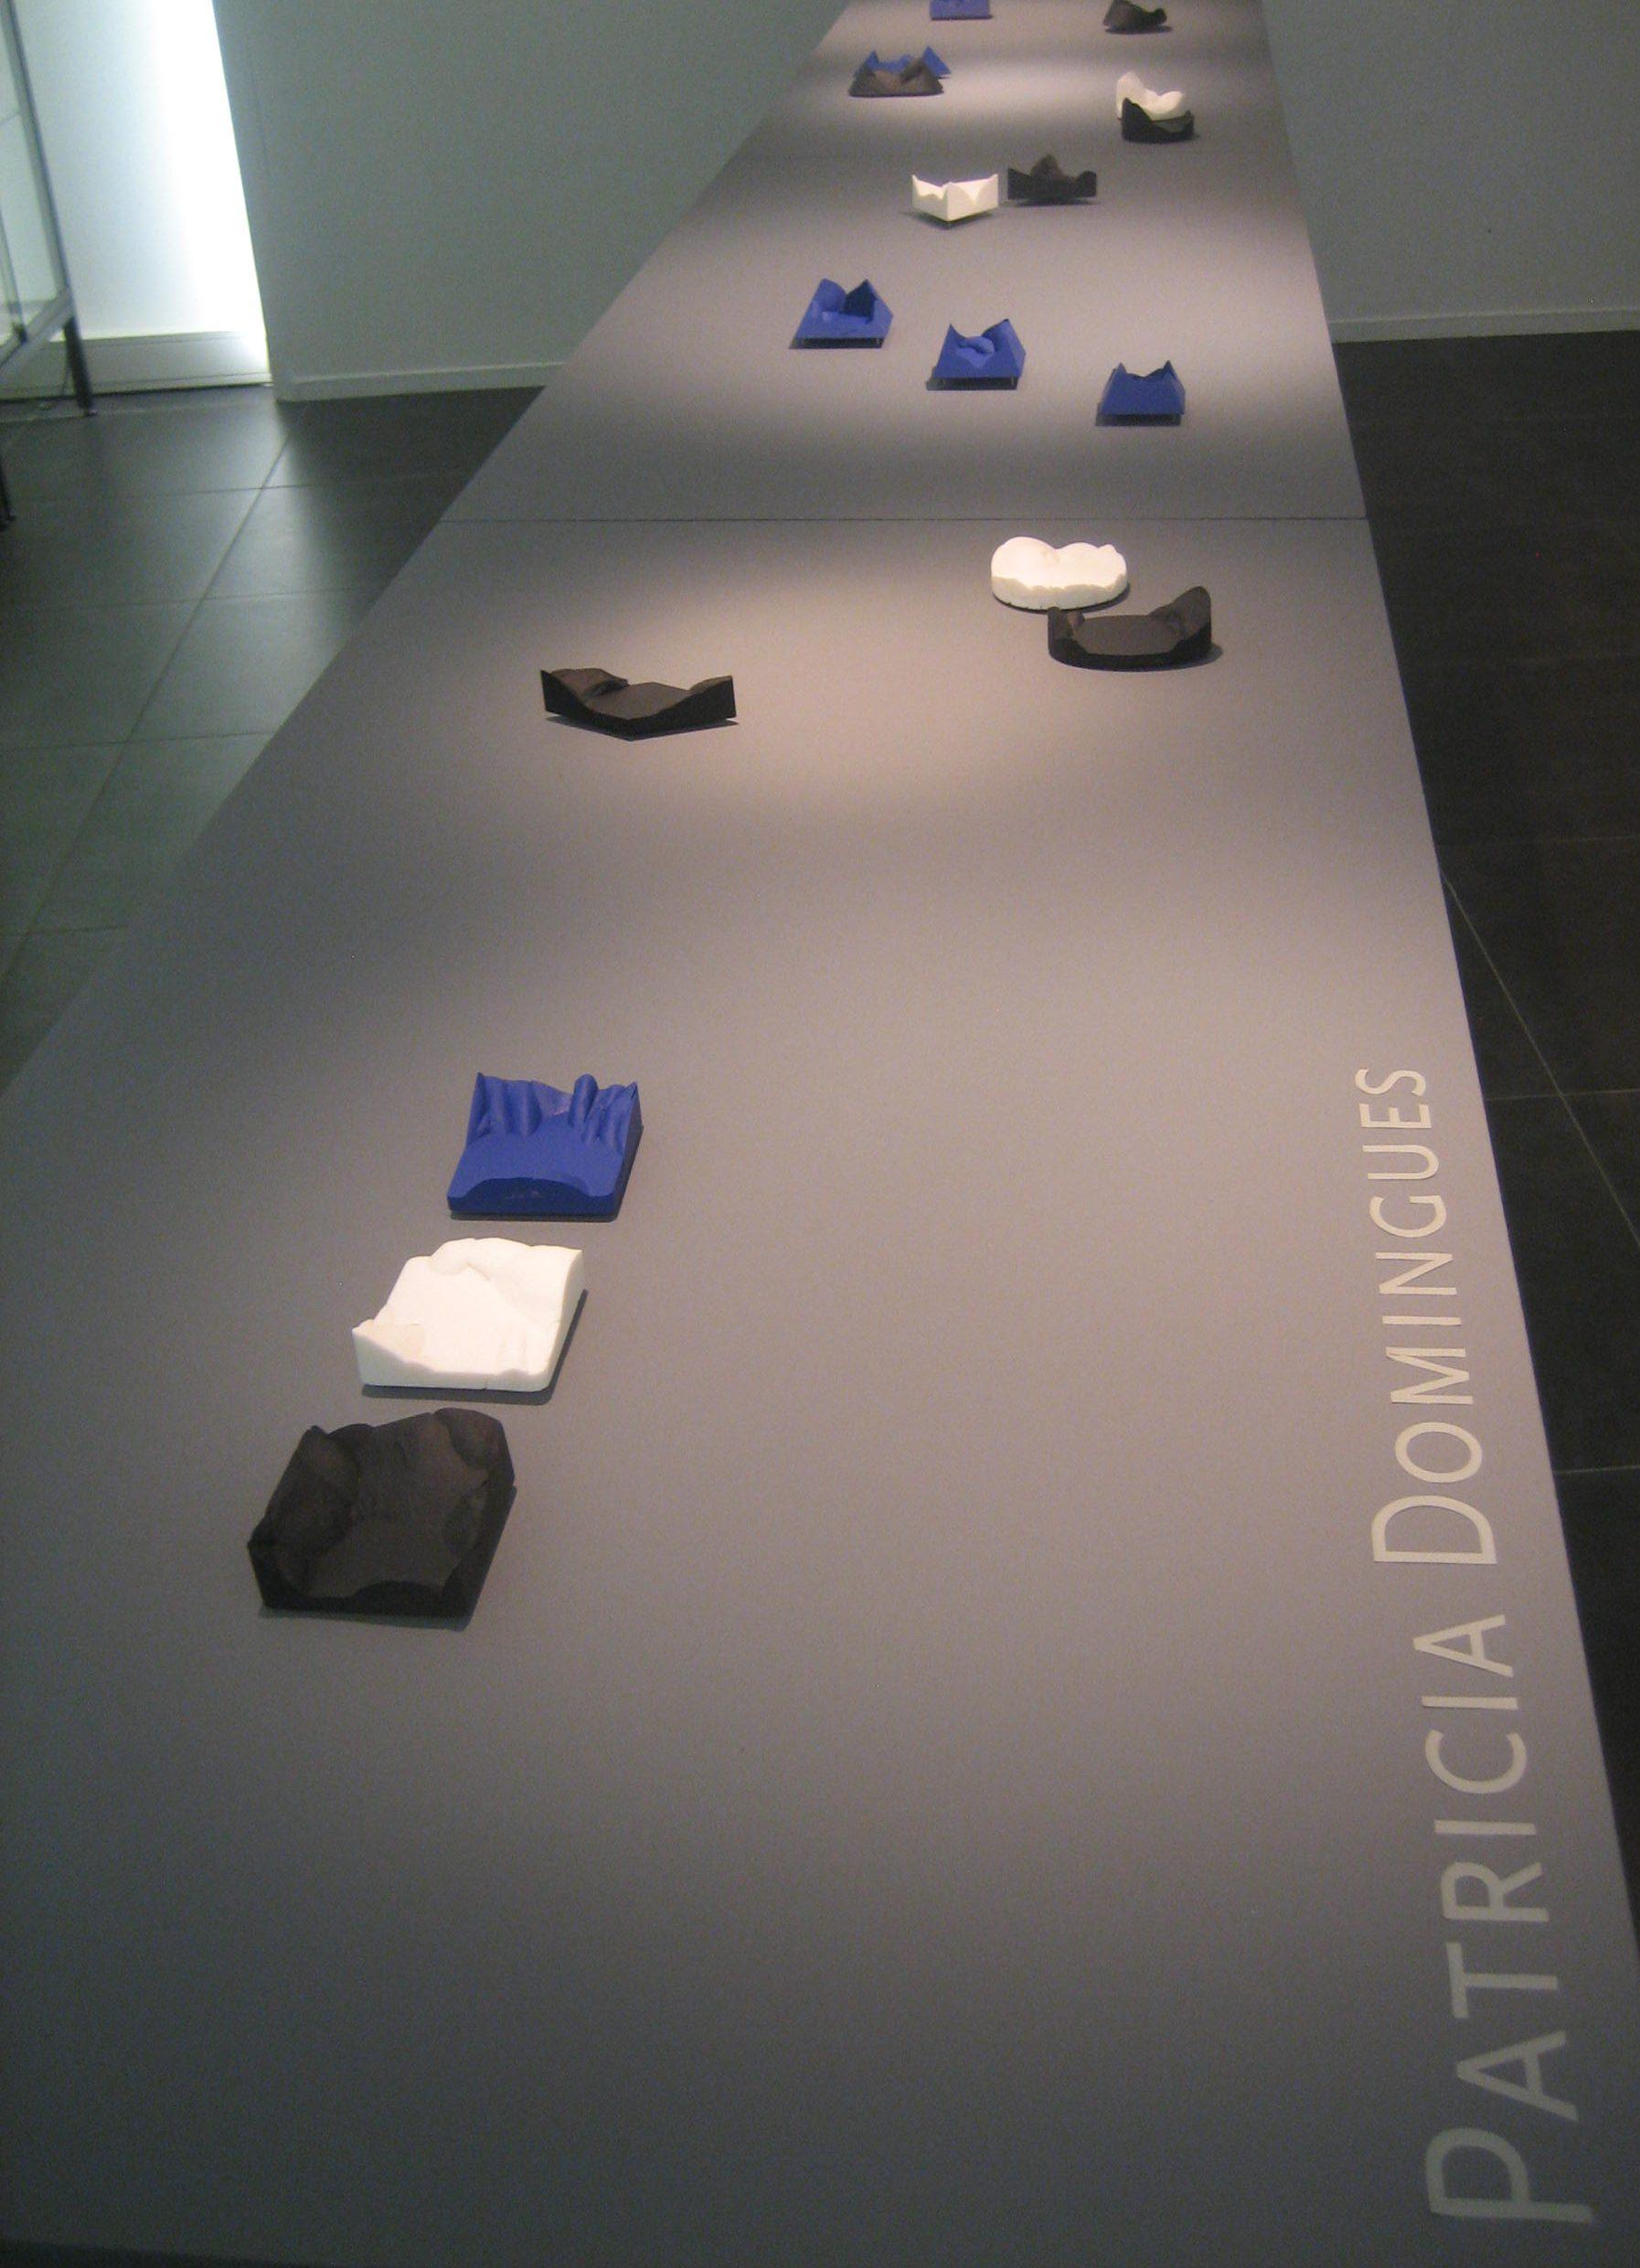 Patrícia Domingues, Galerie Ra, juni 2018, tentoonstelling, broches, gereconstruurd steen, metaal